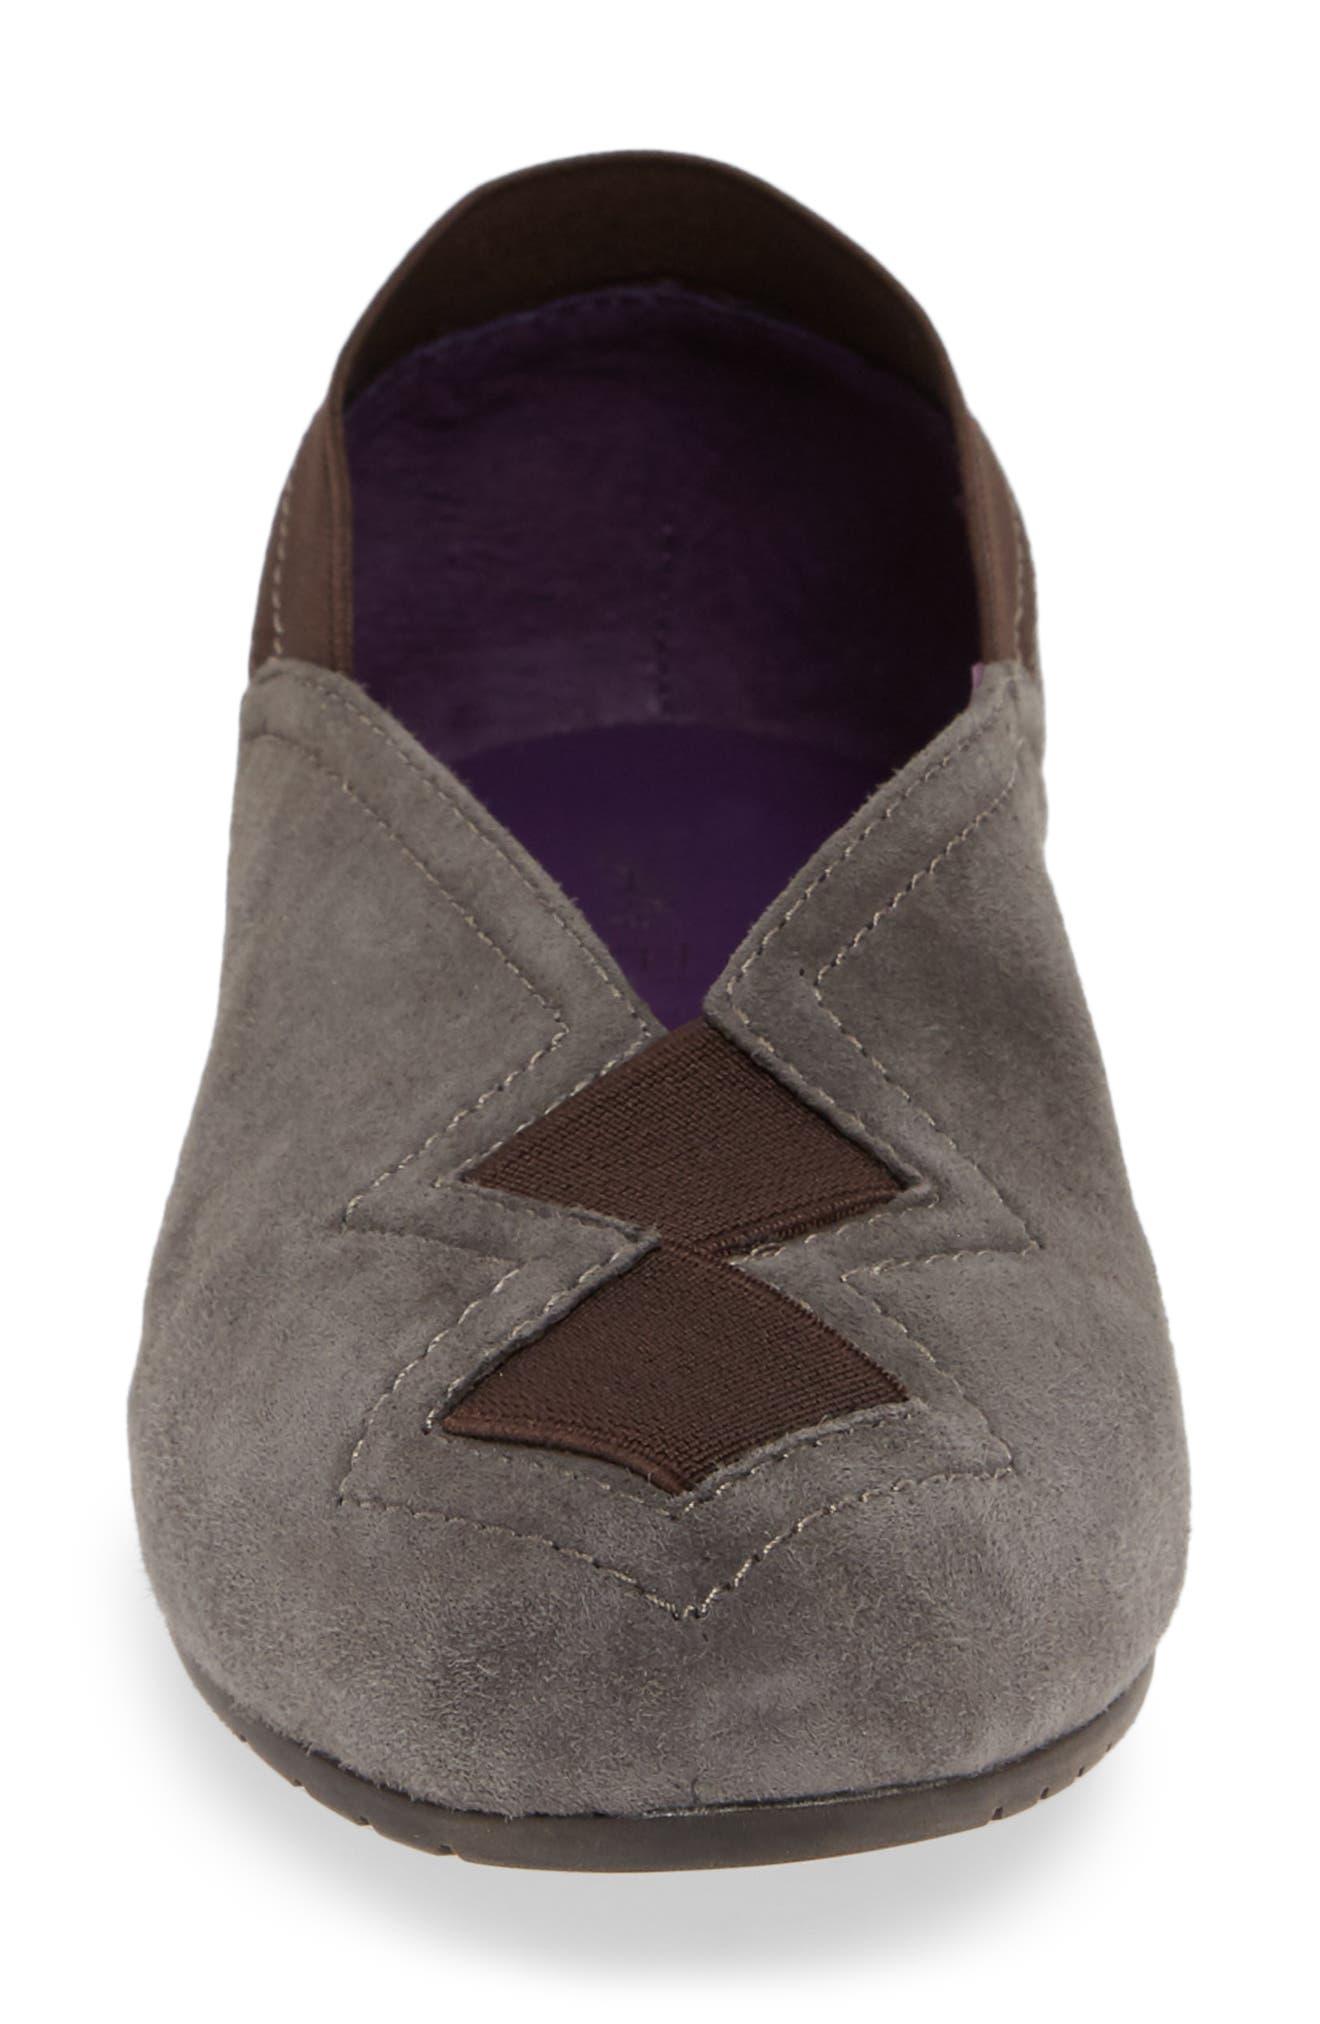 Pandy Hidden Wedge Shoe,                             Alternate thumbnail 4, color,                             MOUSSE SUEDE